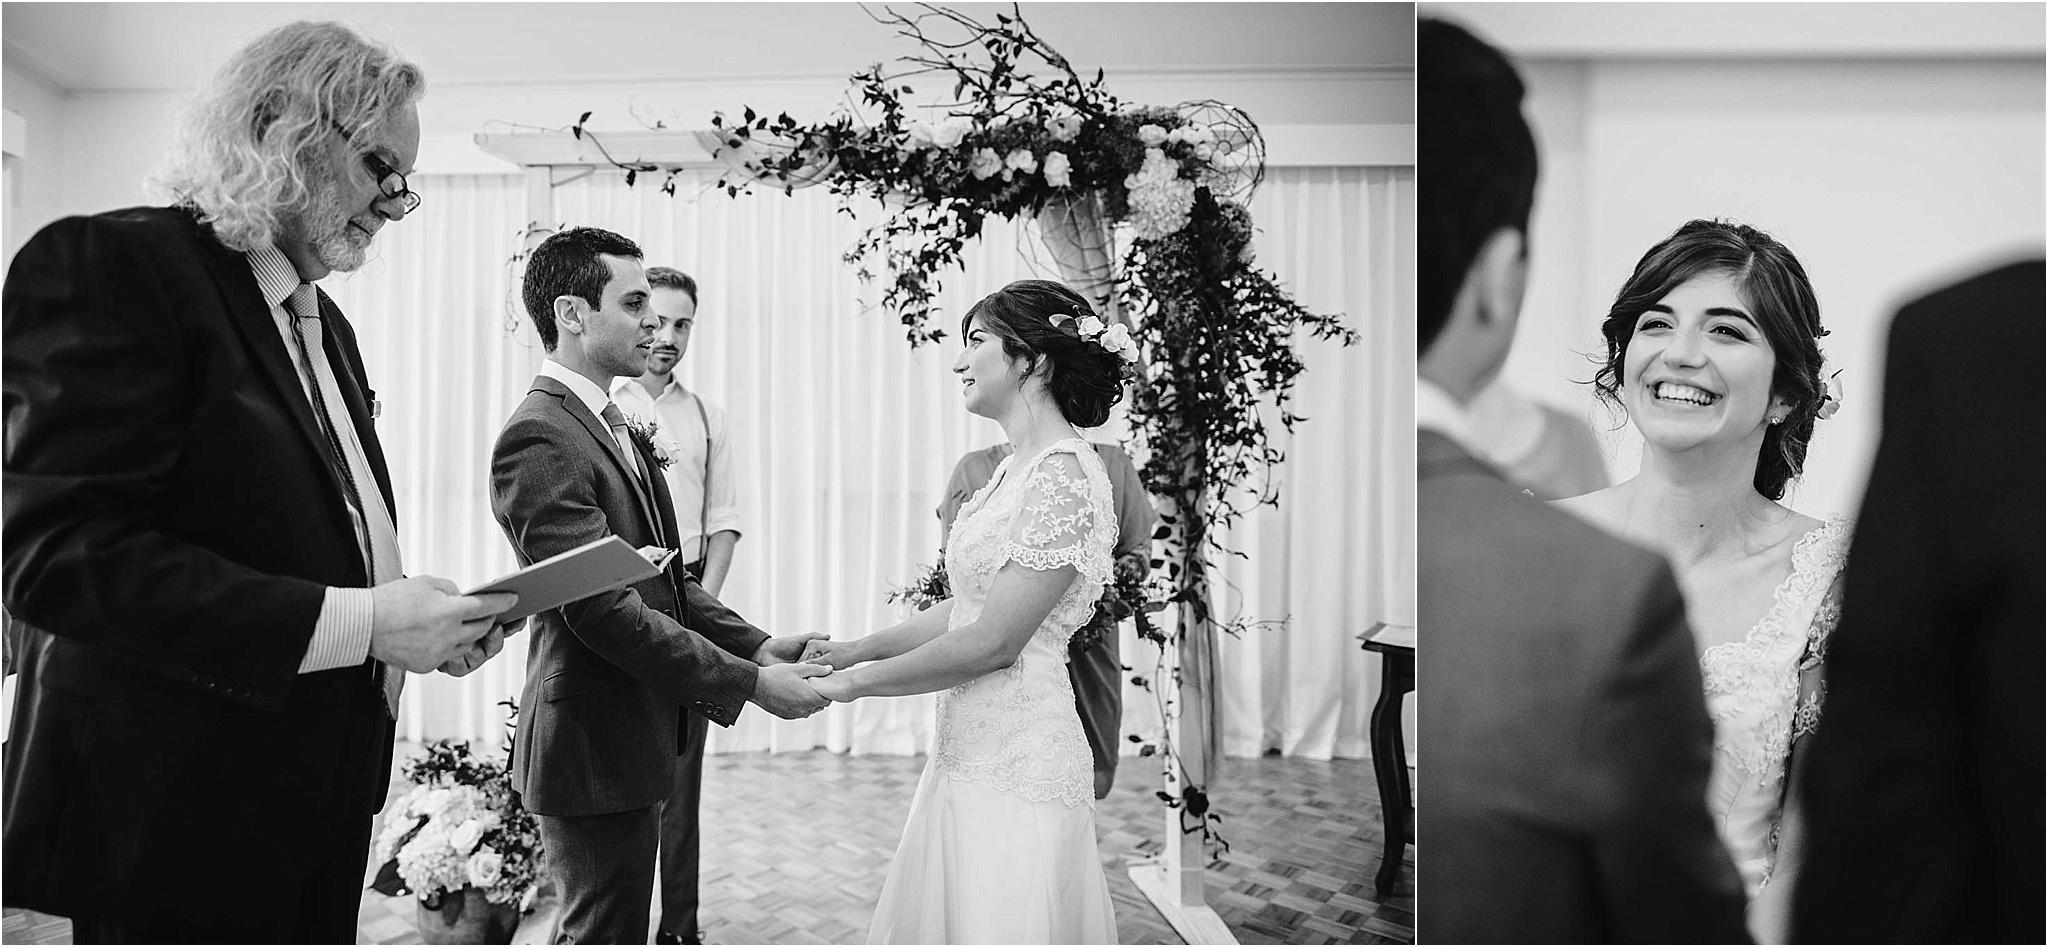 Auckland-Wedding-Photographer-Vanessa-Julian-Officers-Mess-Married_0023.jpg